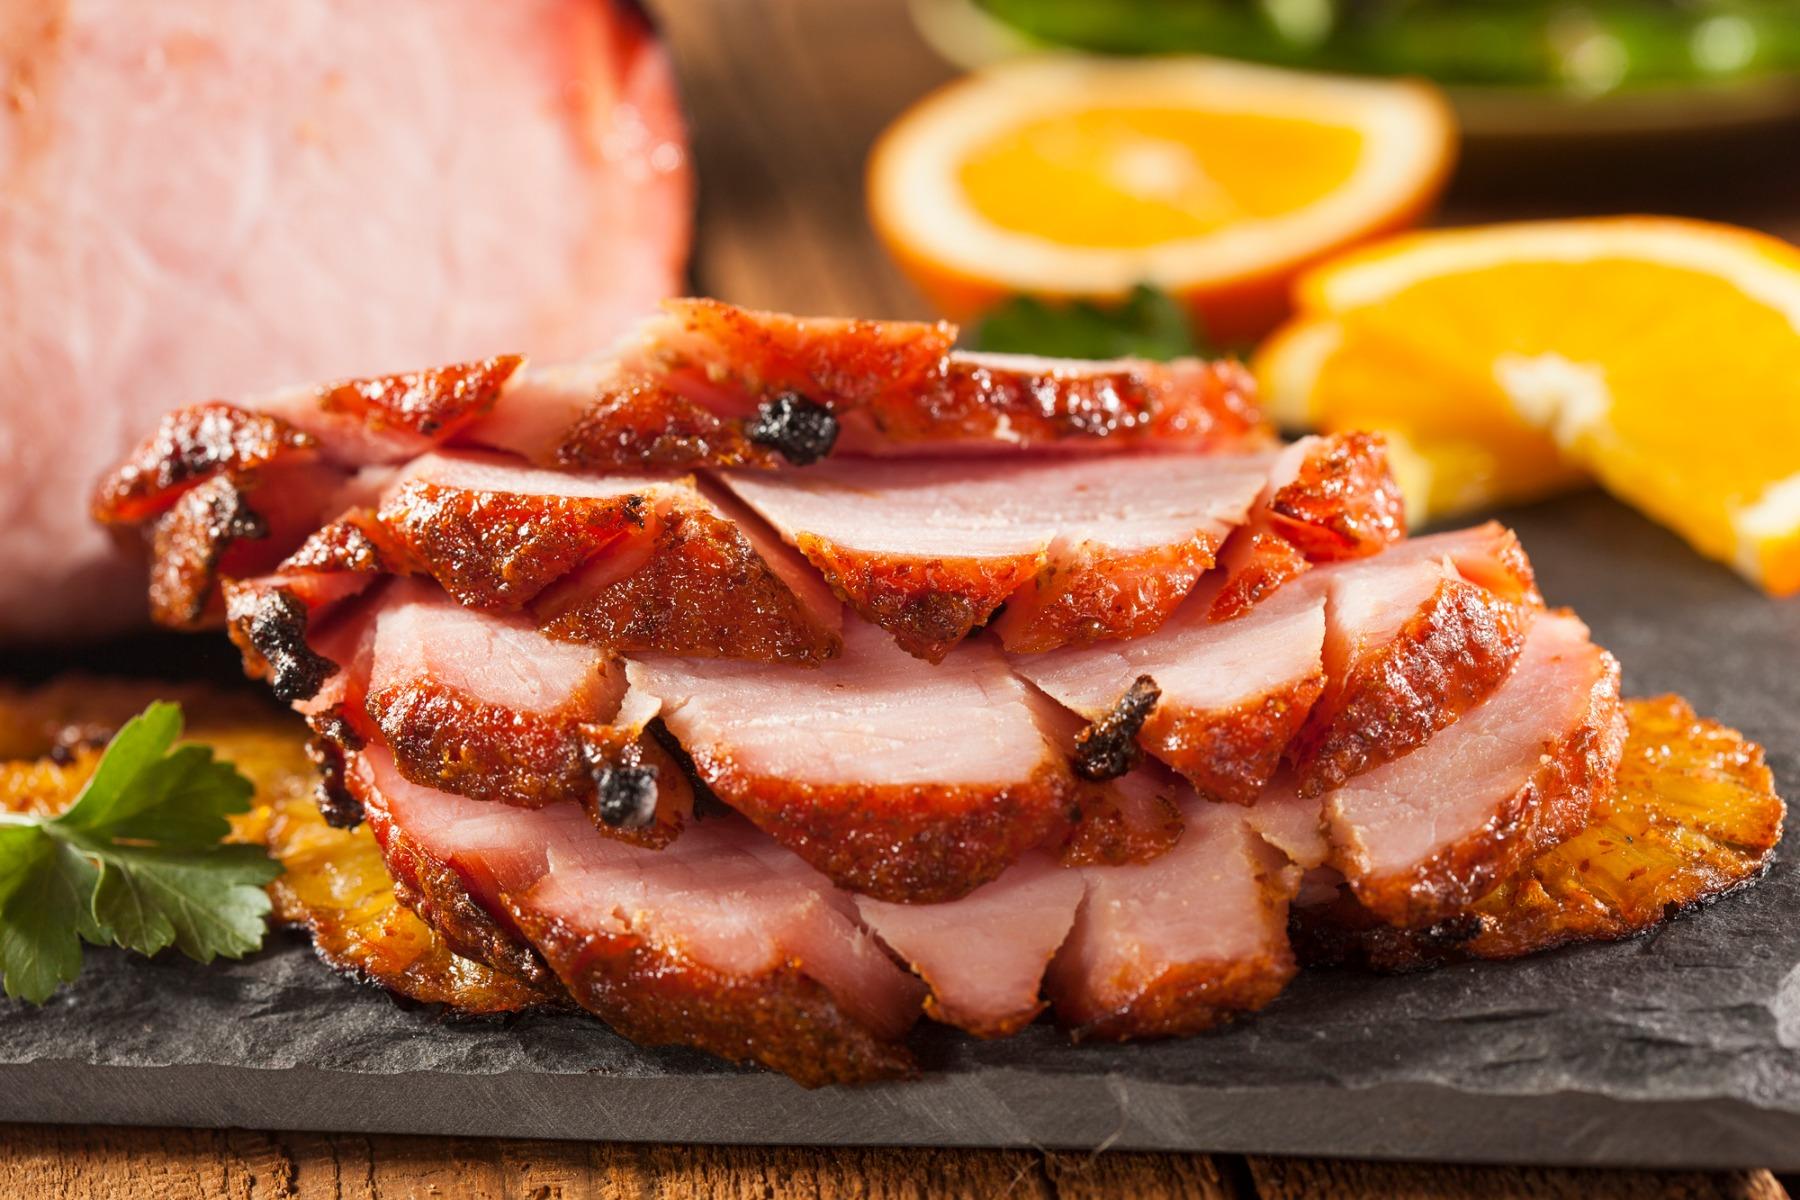 Smoked Hams